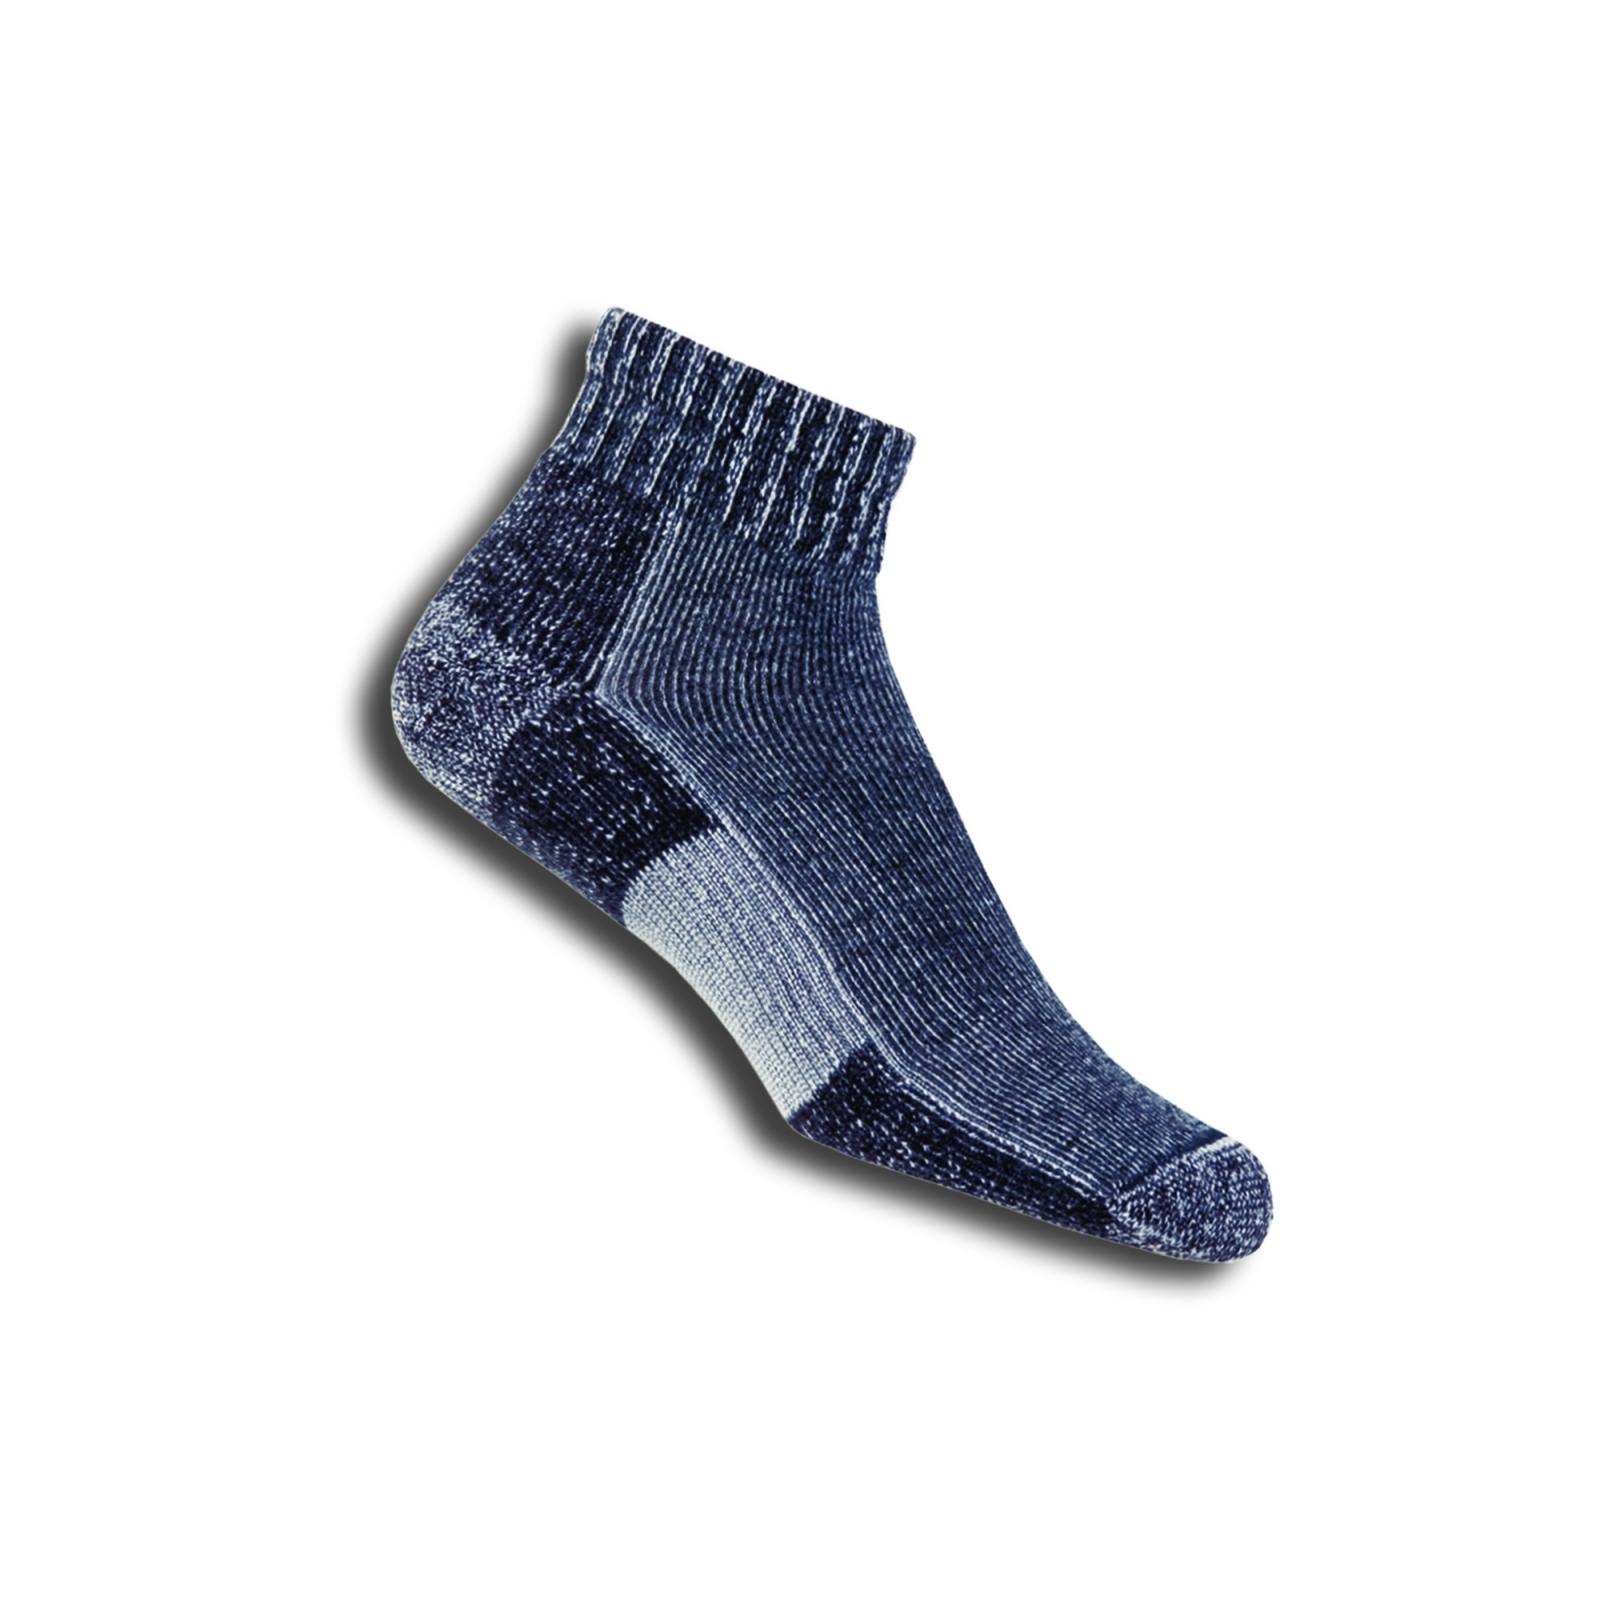 TRMX Trail Running Socks Ankle